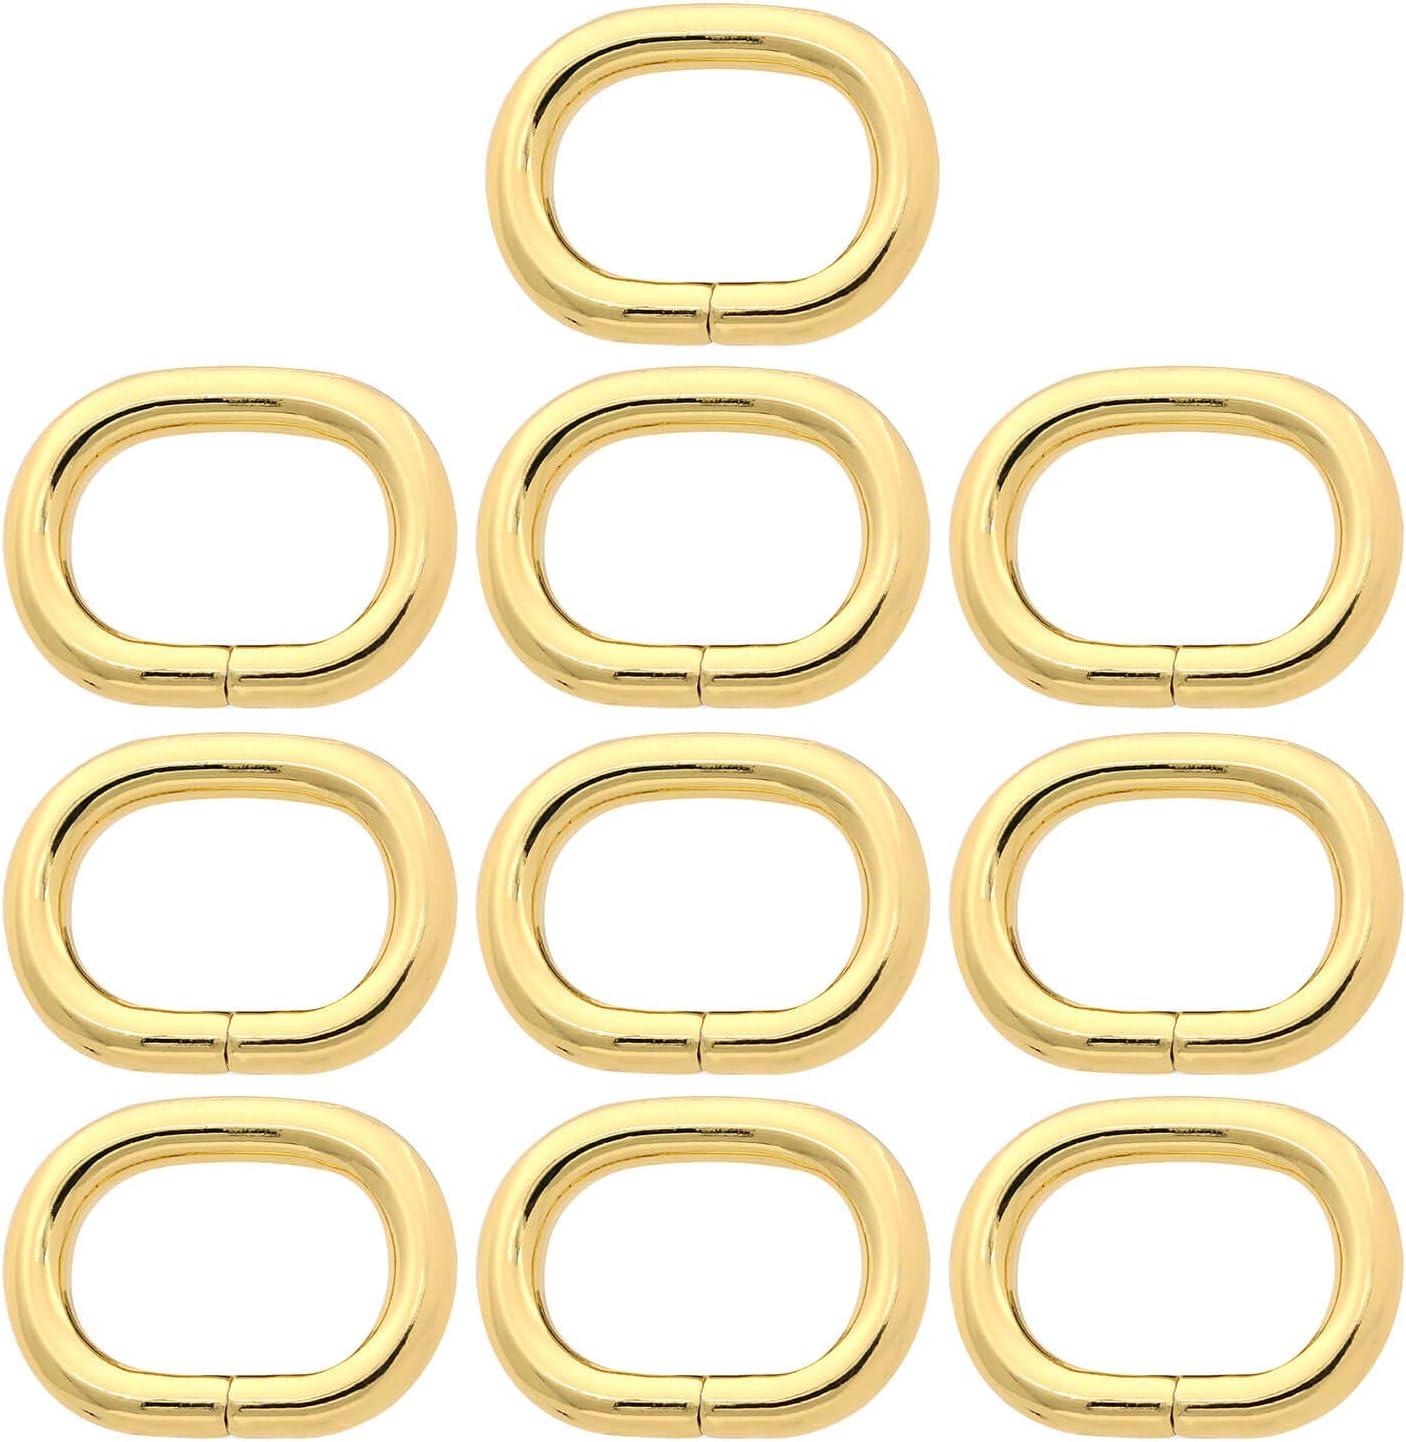 no soldado para bolsas de piel Anillo ovalado de metal de 3,8 cm correas de bolso BIKICOCO color dorado 10 unidades doradas.